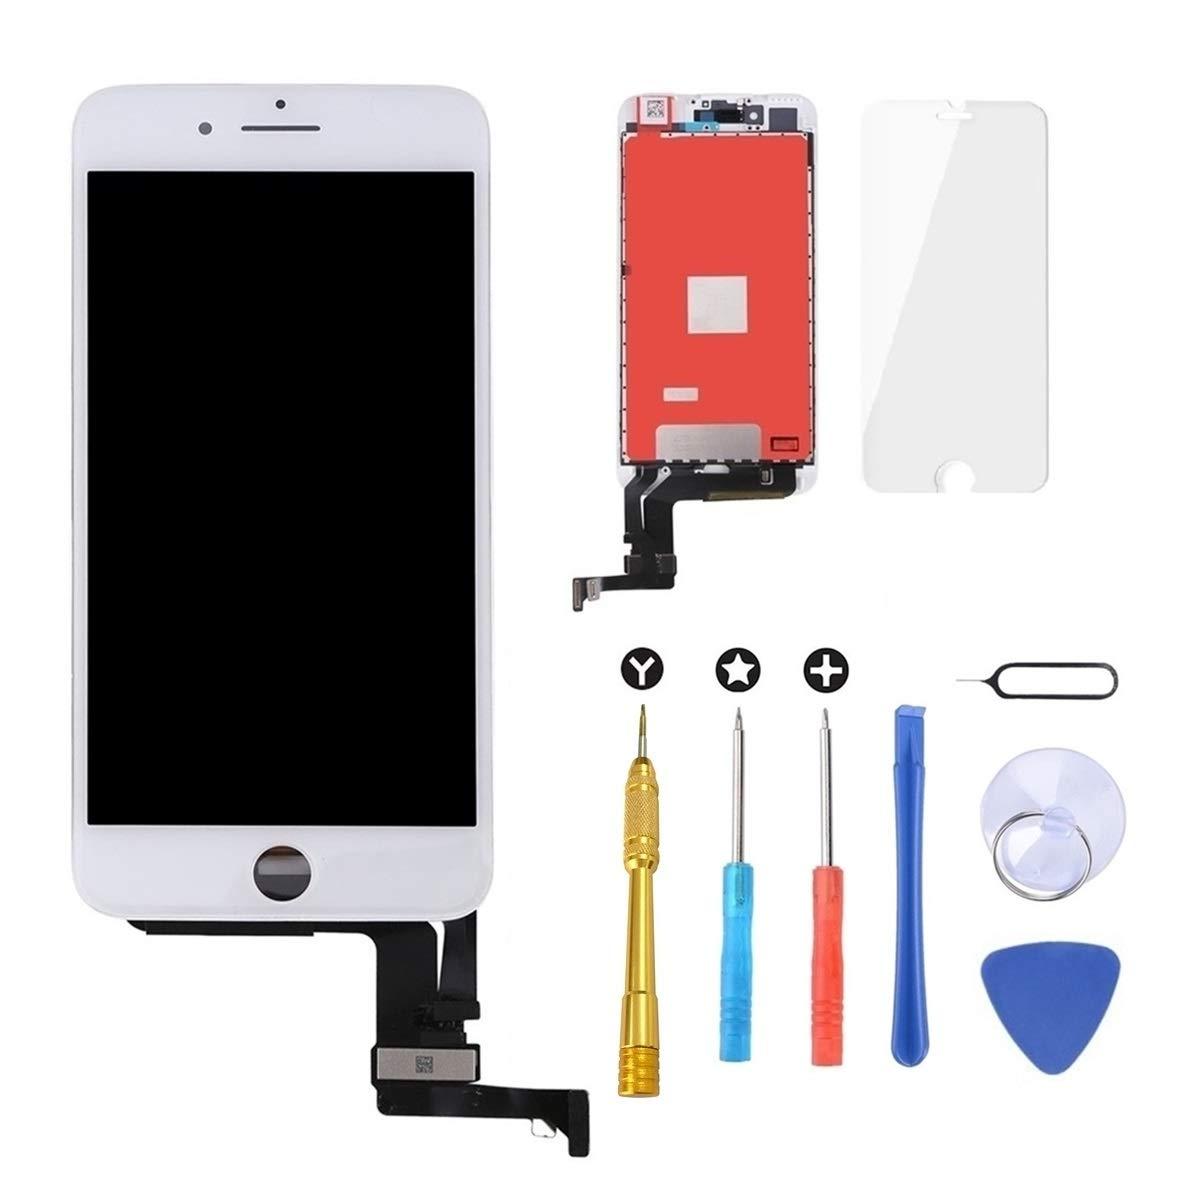 Brinonac Pantalla para iPhone 6 Plus 5.5 T/áctil LCD de Repuesto Ensamblaje de Marco Digitalizador con Herramienta de reparaci/ón y Protector de Pantalla Negro